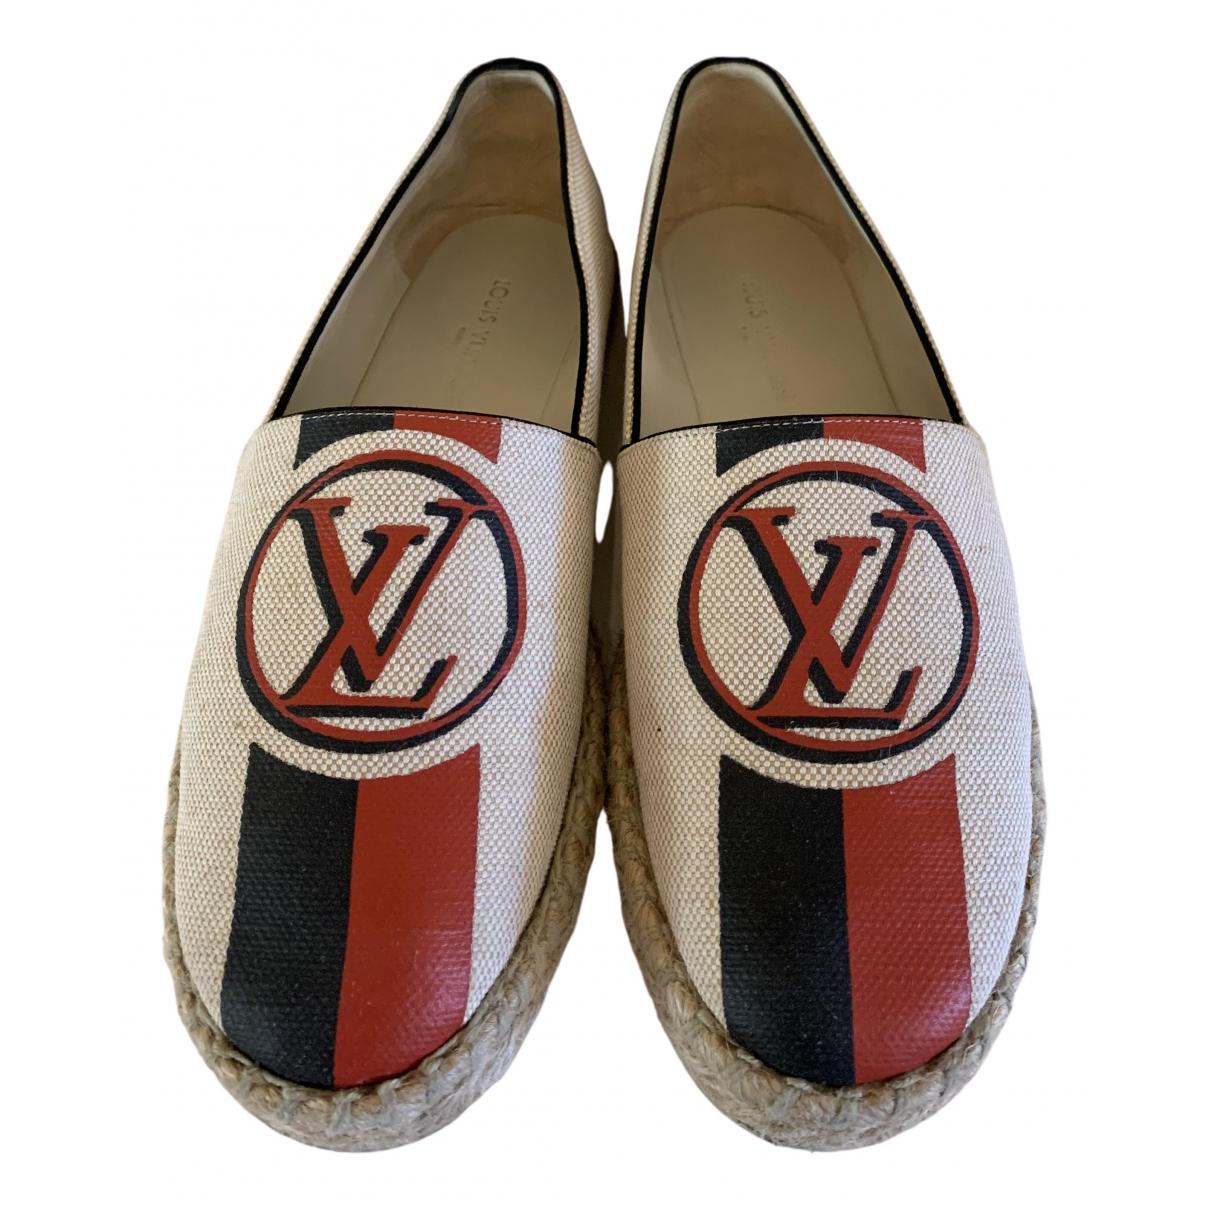 Louis Vuitton \N Espadrilles in  Beige Leinen